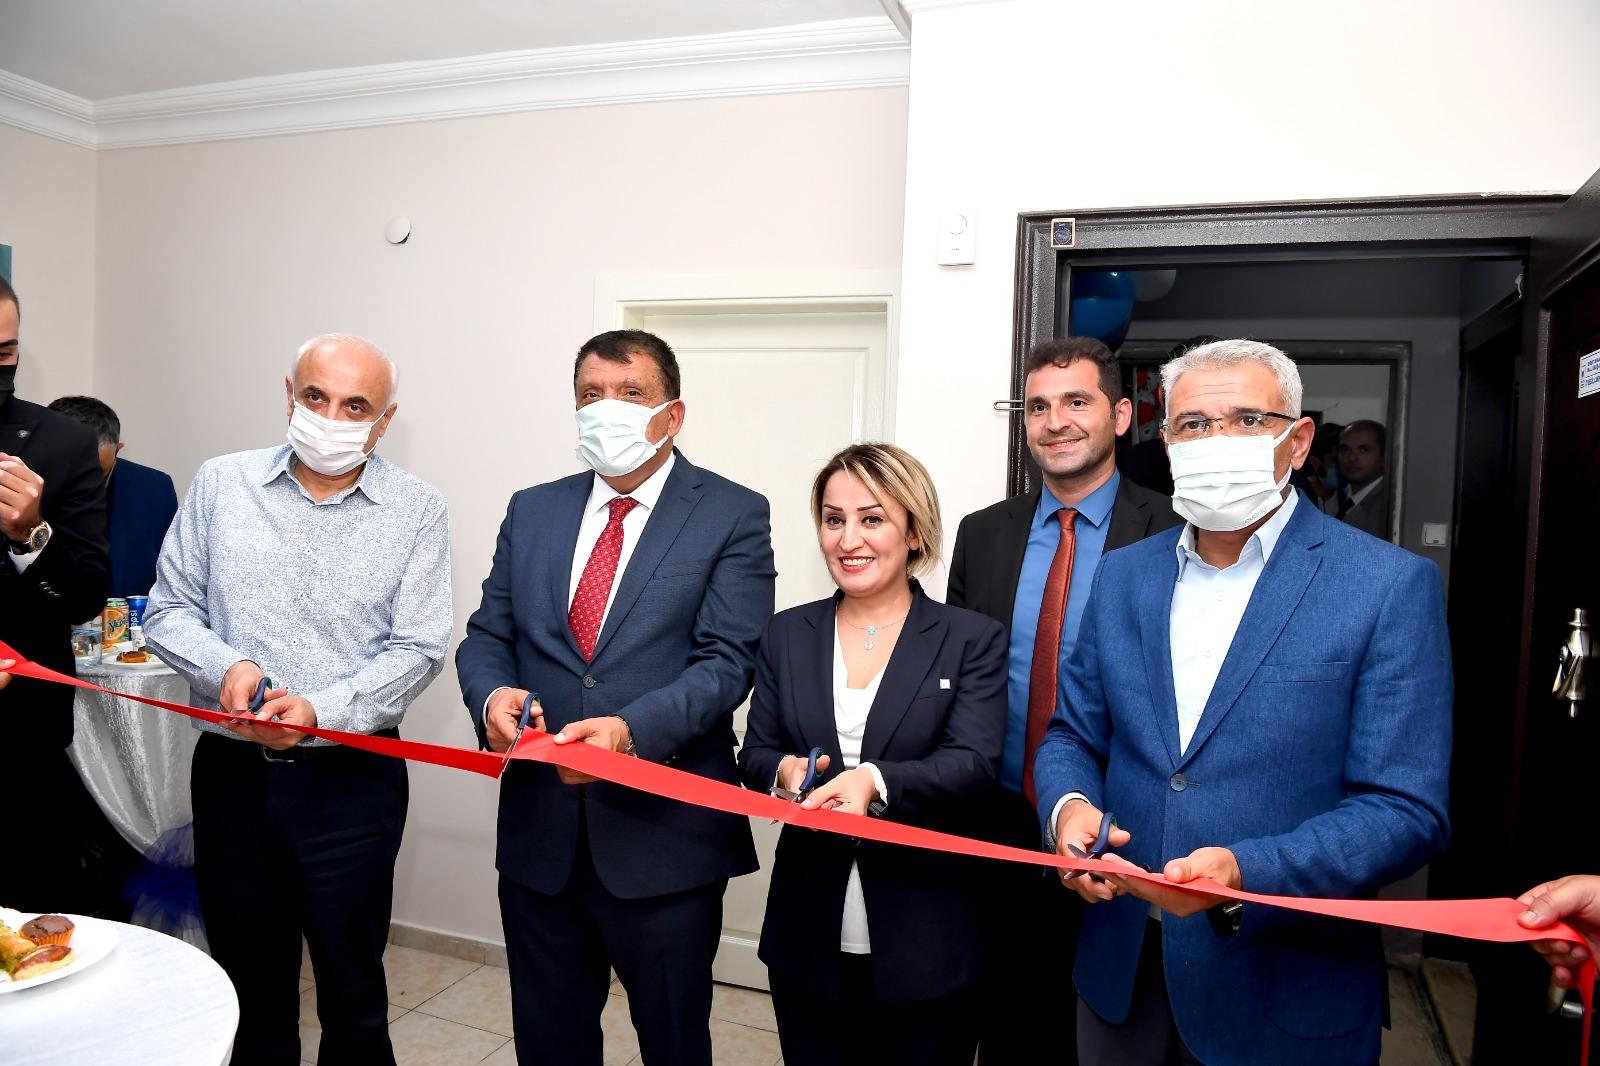 Ayşegül Canpolat'ın Mali Müşavirlik Ofisinin açılışına İlgi Yüksek oldu